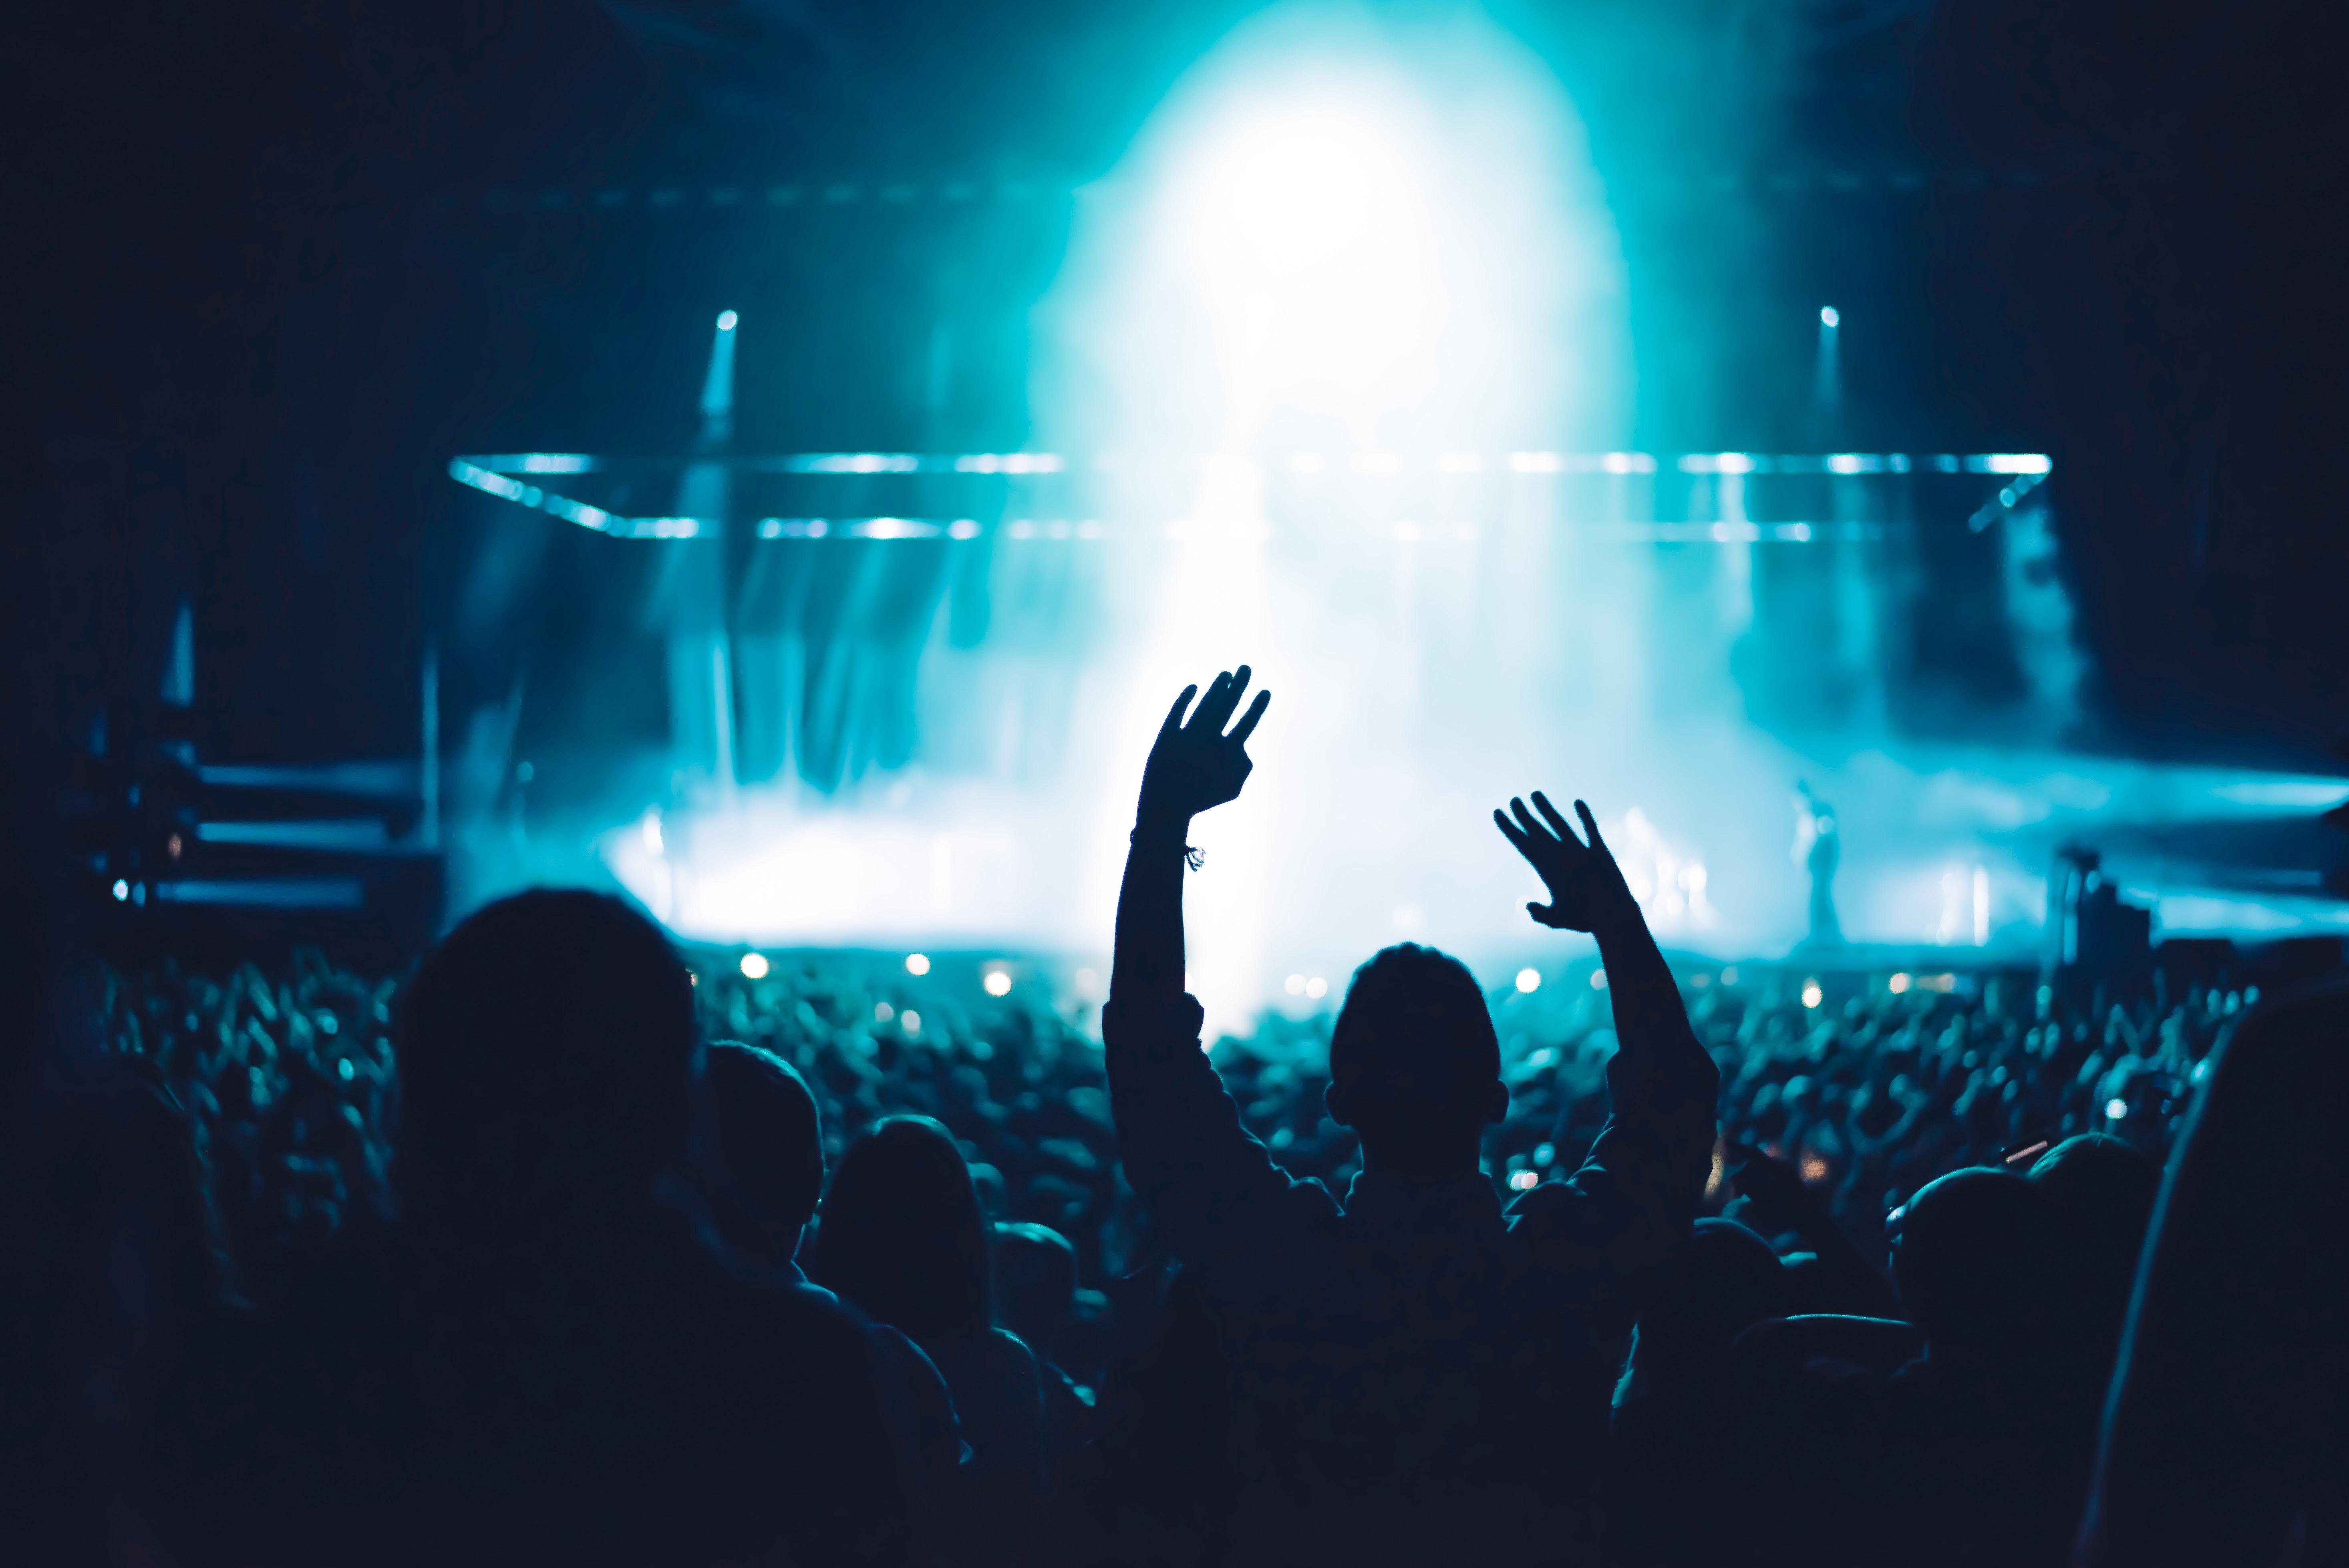 Edm イベント コンサートの無料の写真素材